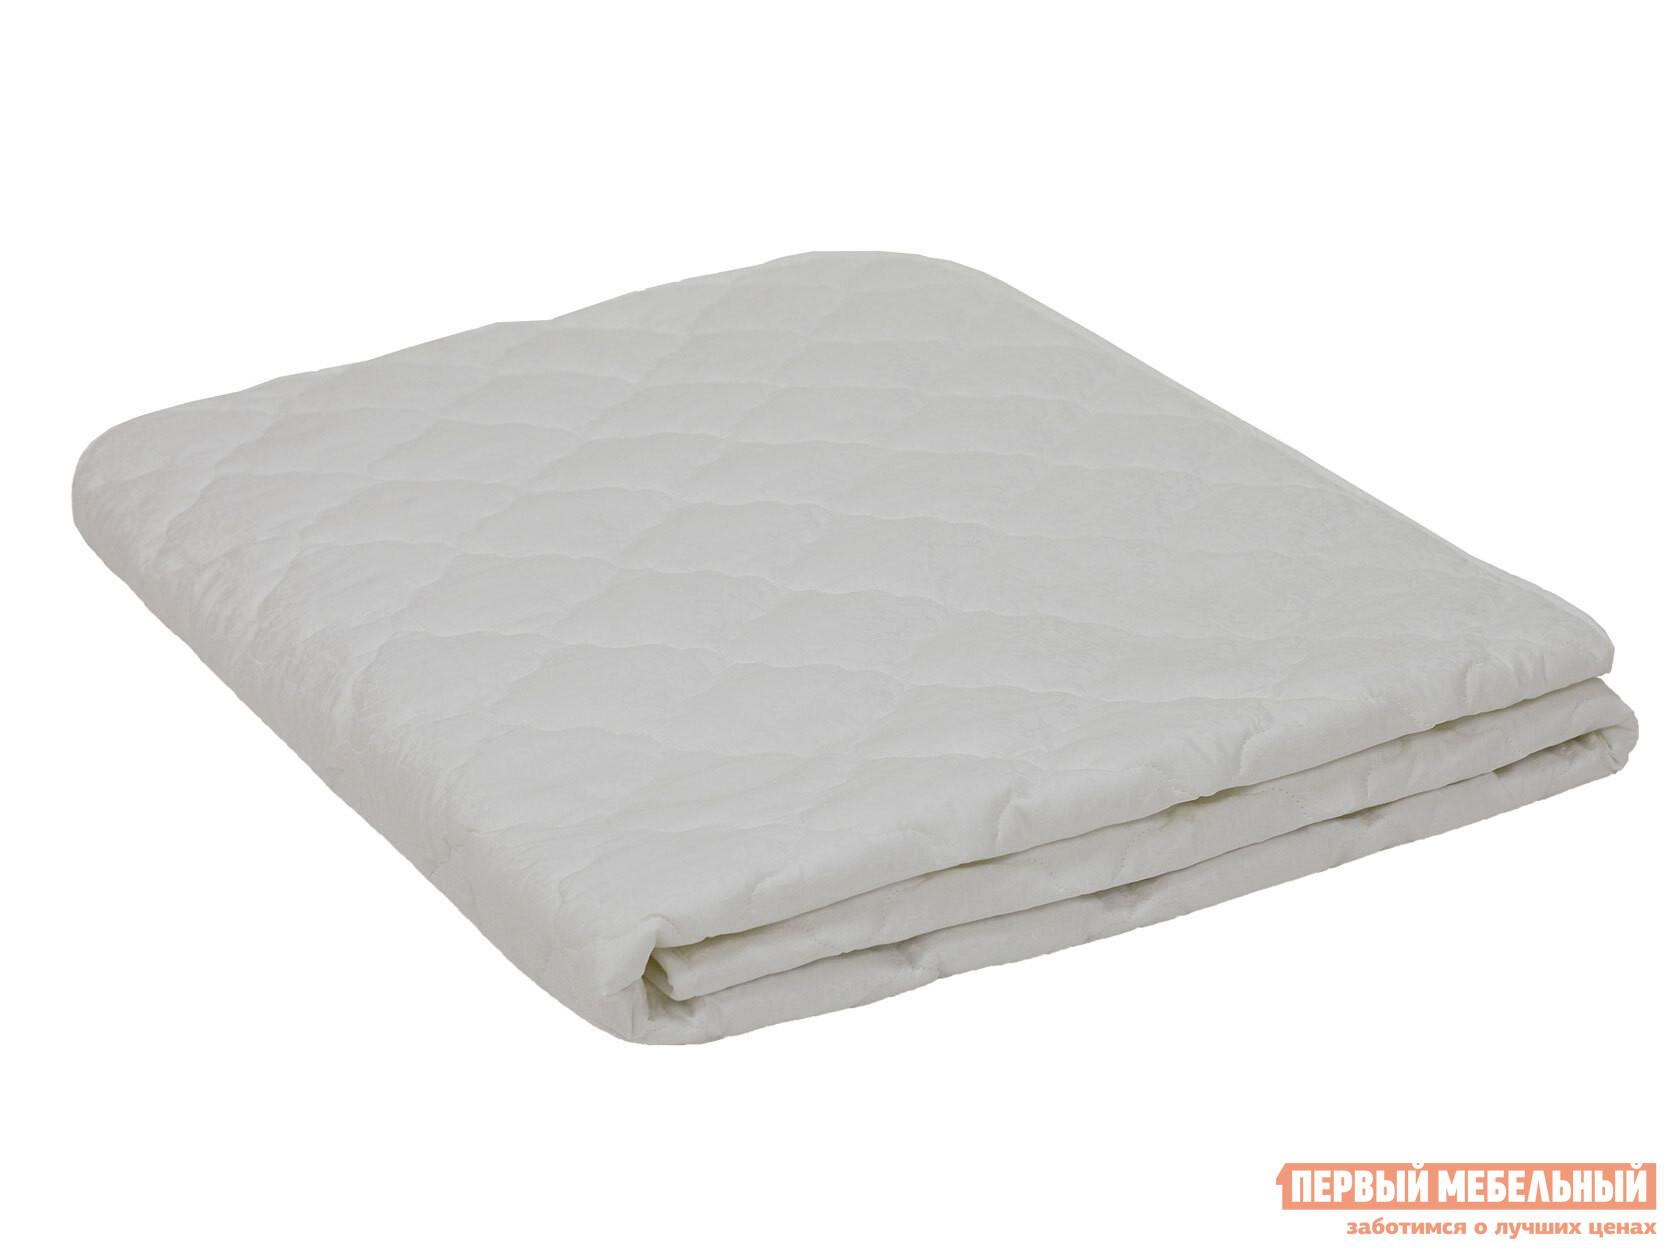 Детское одеяло Первый Мебельный Одеяло сатин/бамбуковое волокно 200 гр/м2 легкое, 110х140